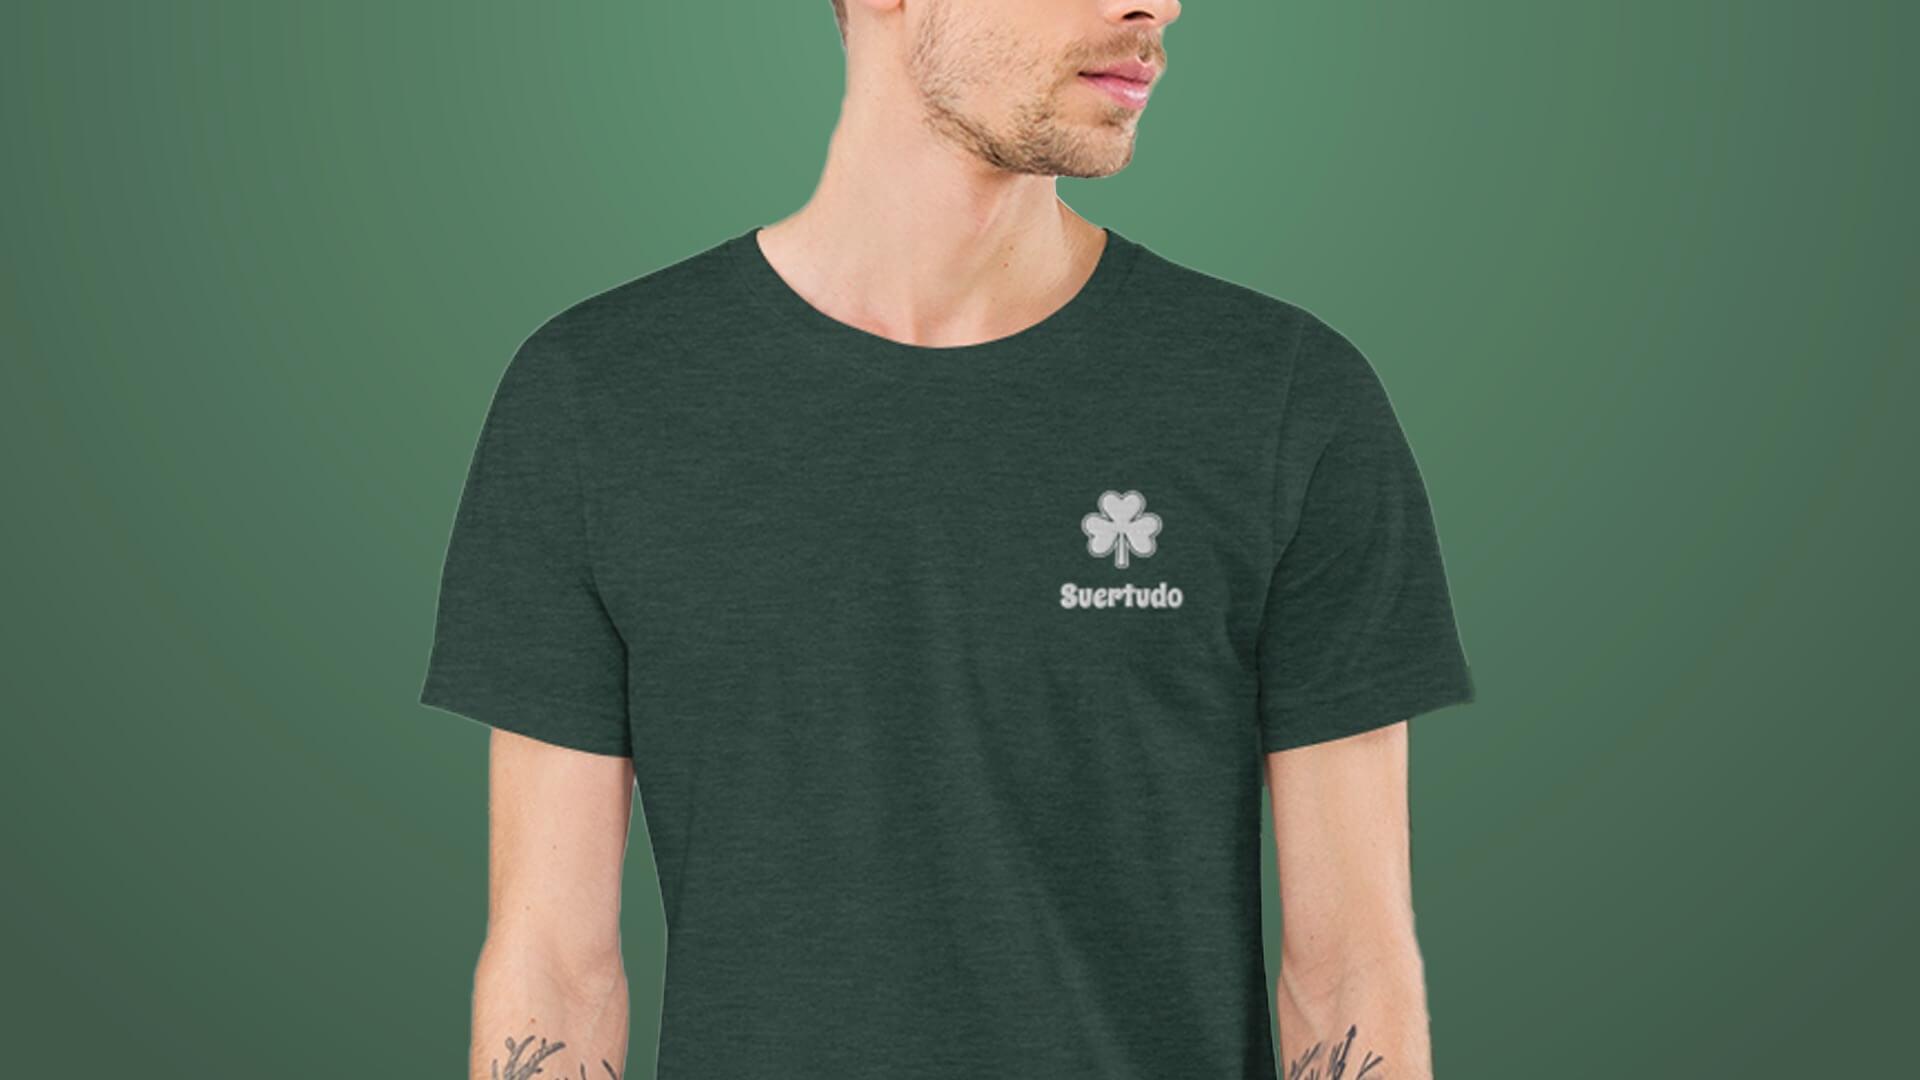 Camiseta de San Patricio bordada para hombre